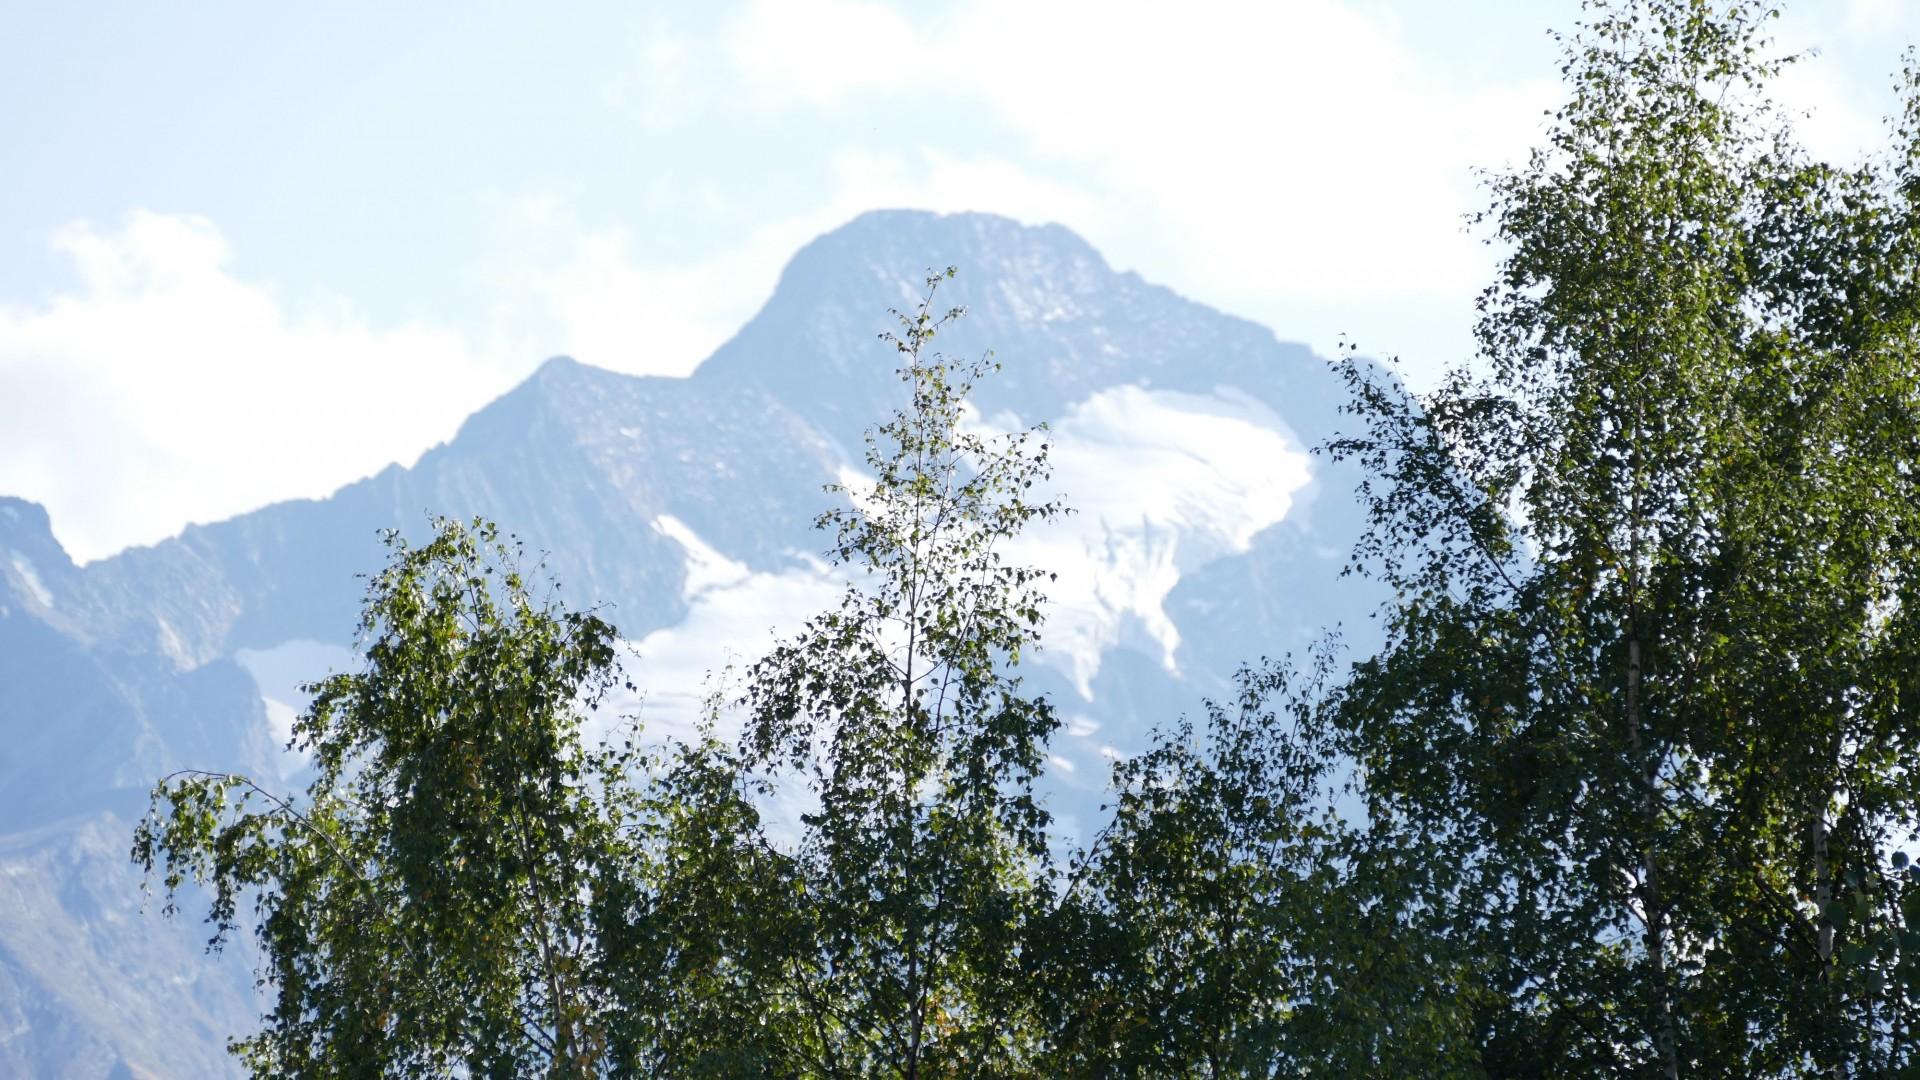 Les Deux Alpes Rental Apartment Luxury Wulfenite Mountain View 1